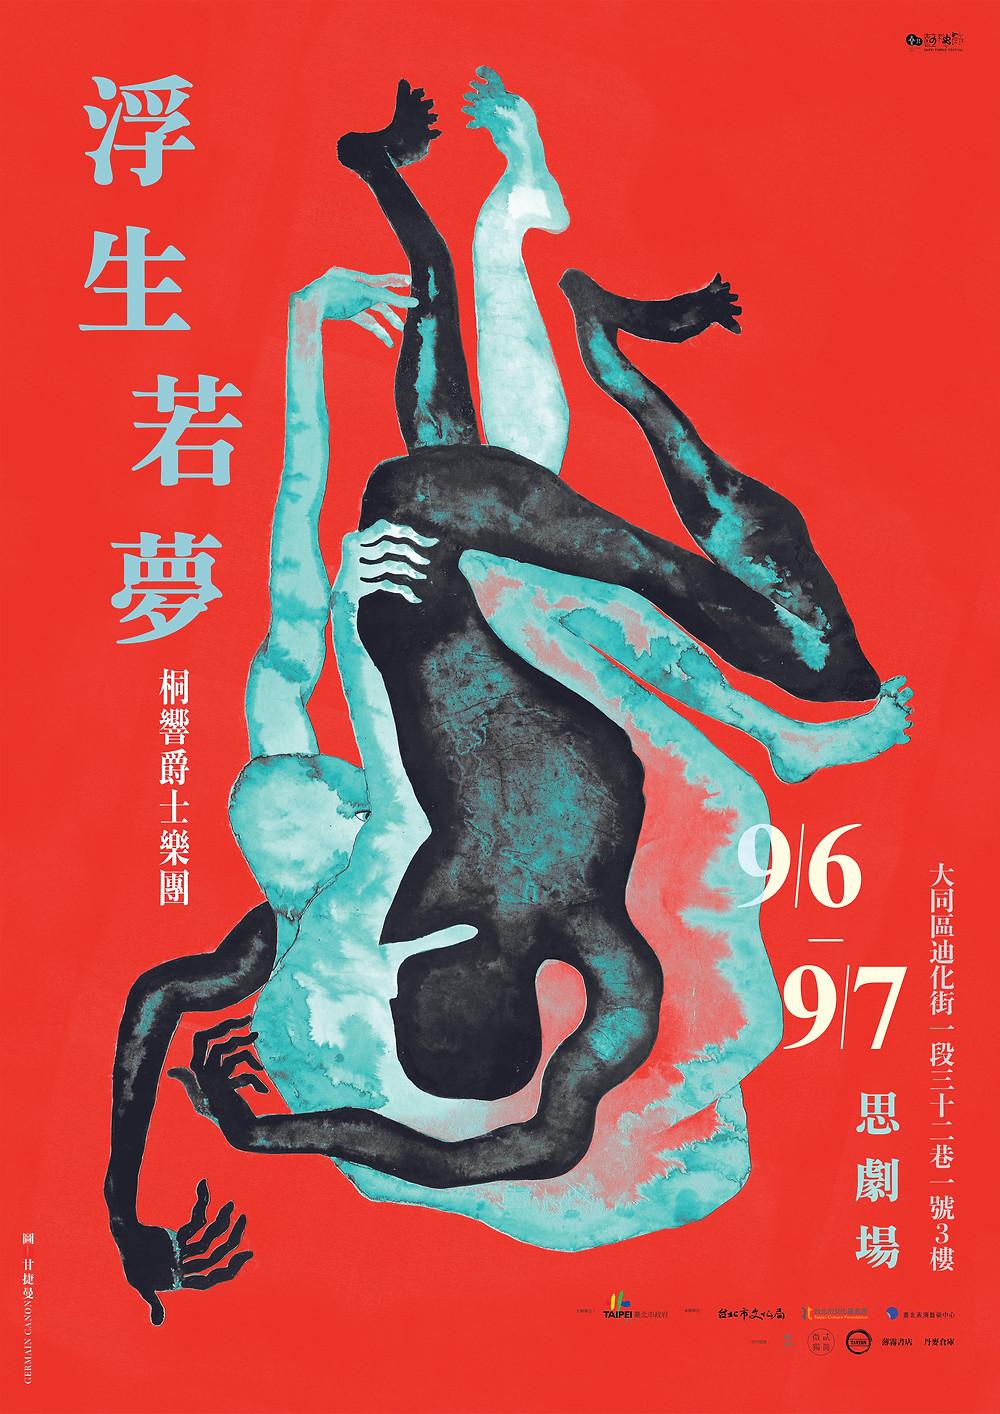 fringe poster-2-1-01.jpg